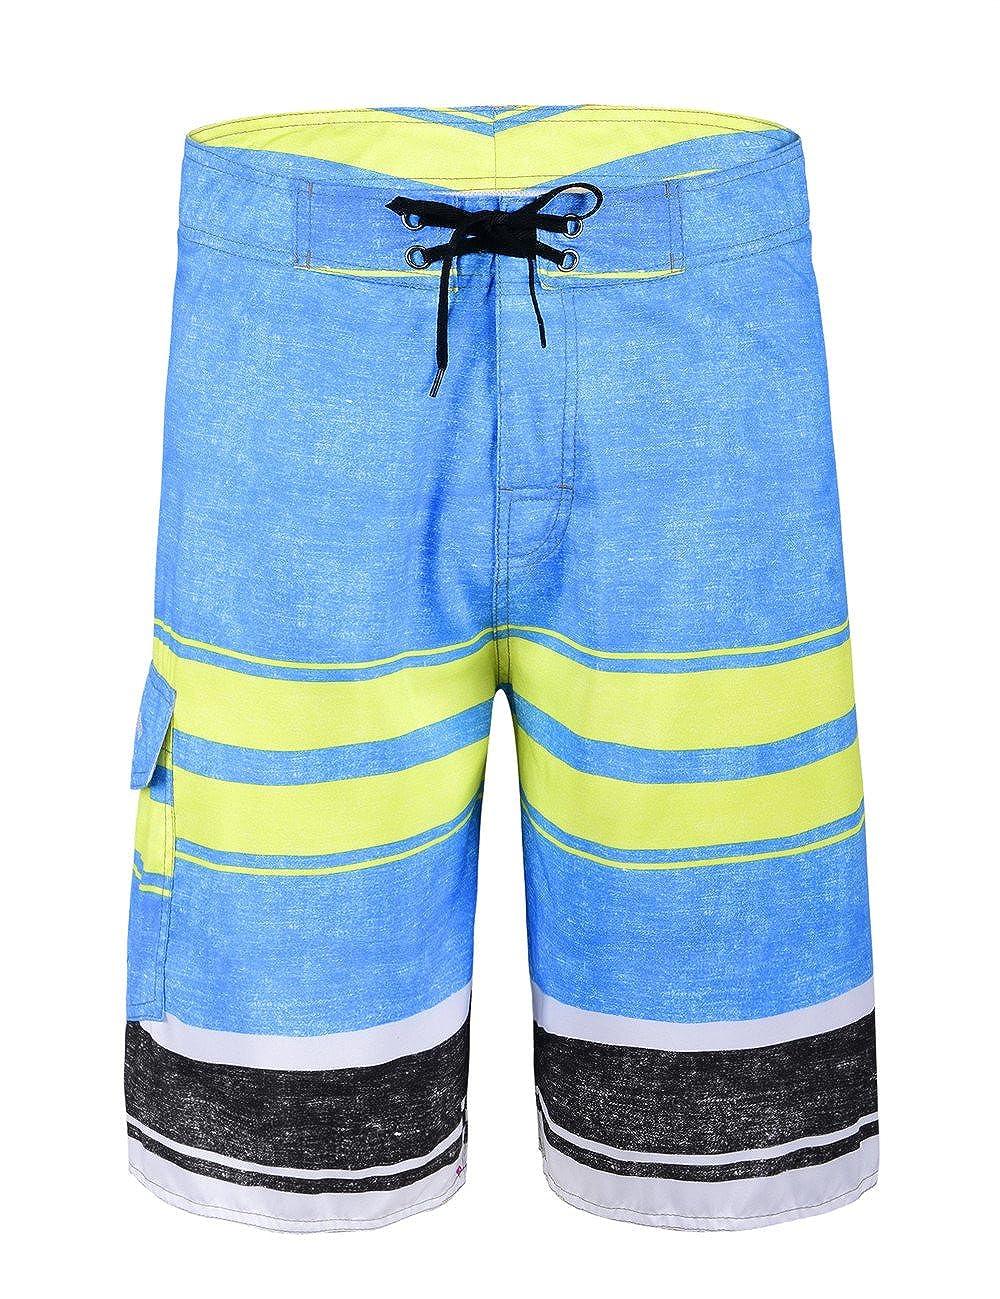 f03af0f8e7cb4 Nonwe Men's Beachwear Striped Printed Boartshort with Mesh Lining JF16171